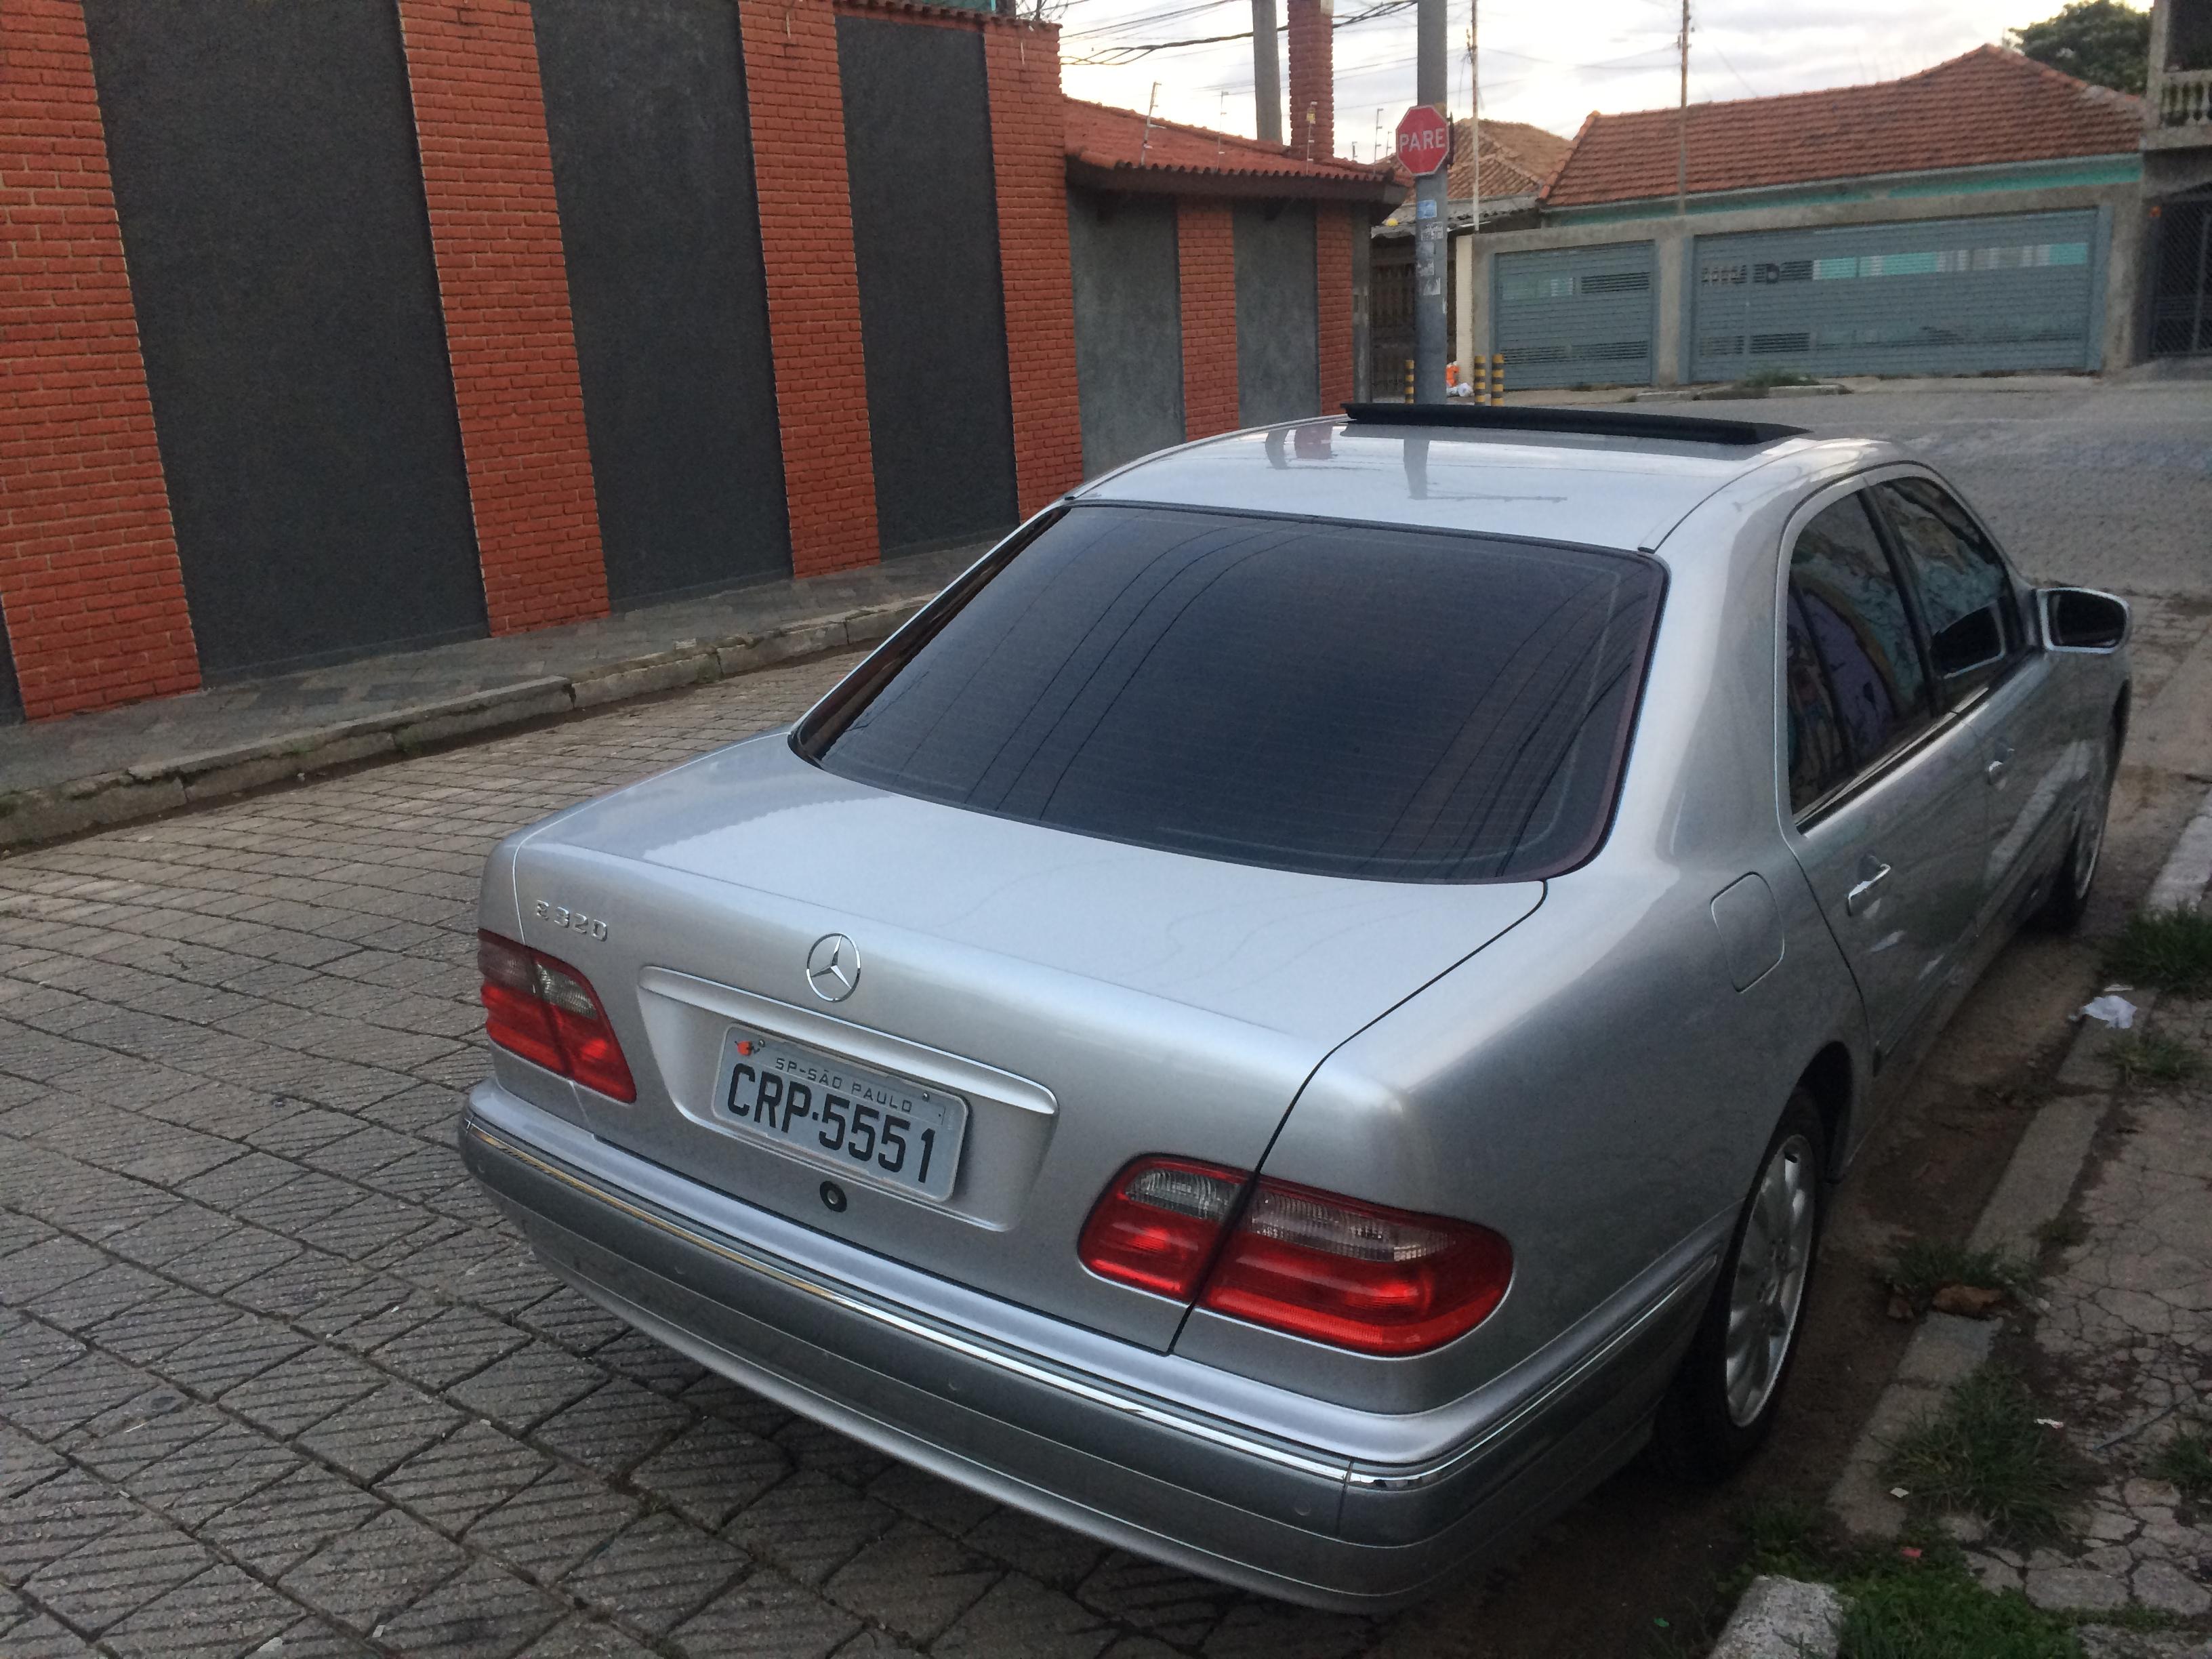 (VENDO): W210 E320 Elegance 2001 - R$37.000,00 - ARQUIVO 7gXUDK